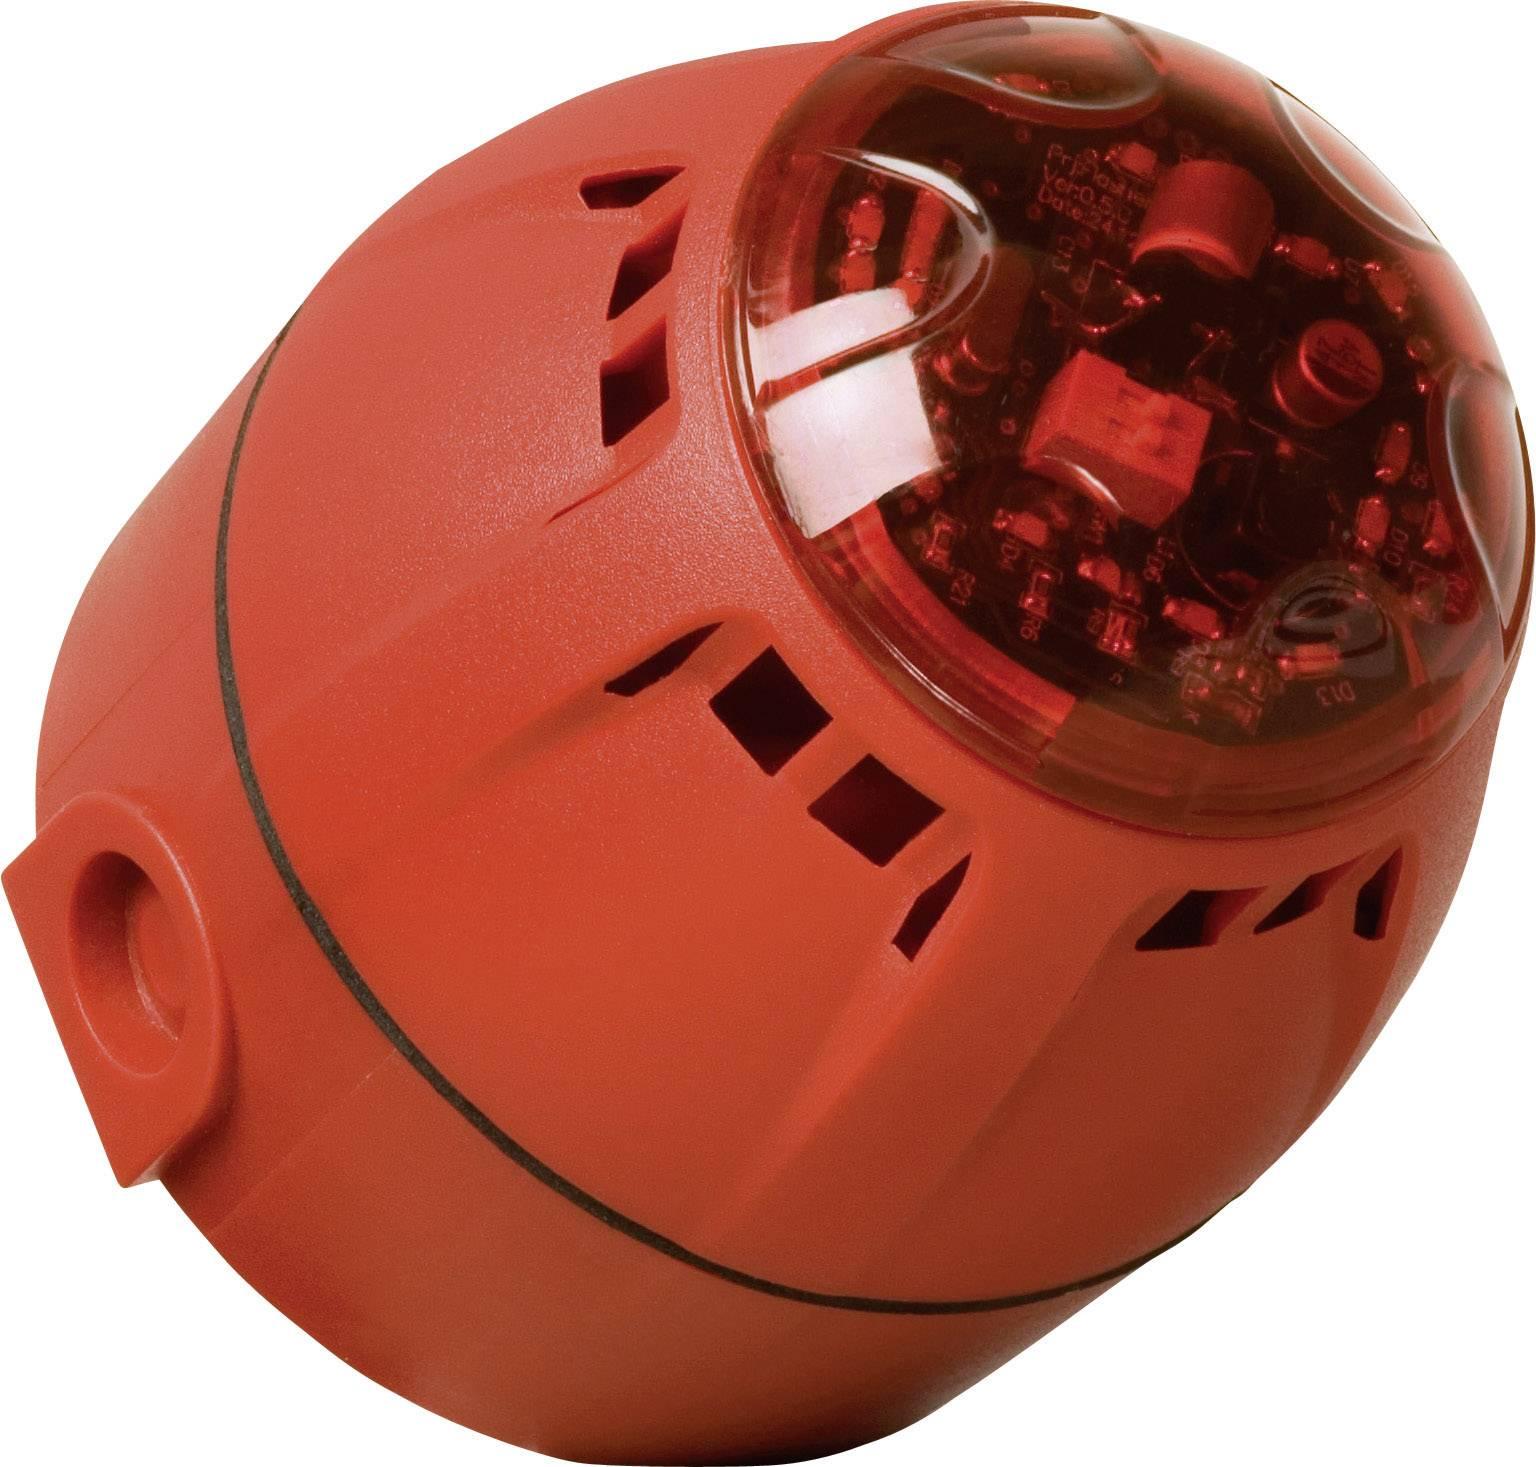 Siréna s blikajícím světlem ComPro Chiasso Razor (CH/100/AV/DR), IP65, červená